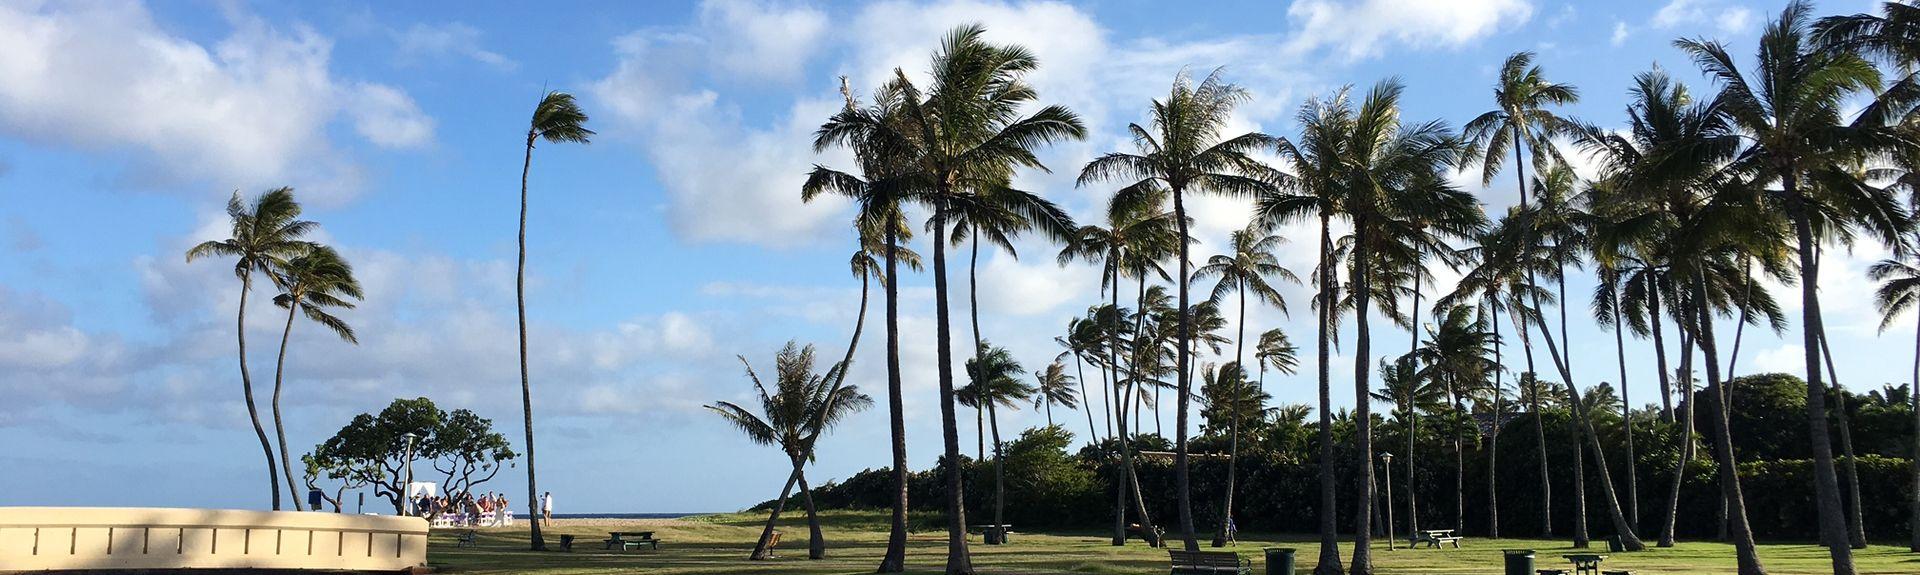 Magic Island, Honolulu, HI, USA